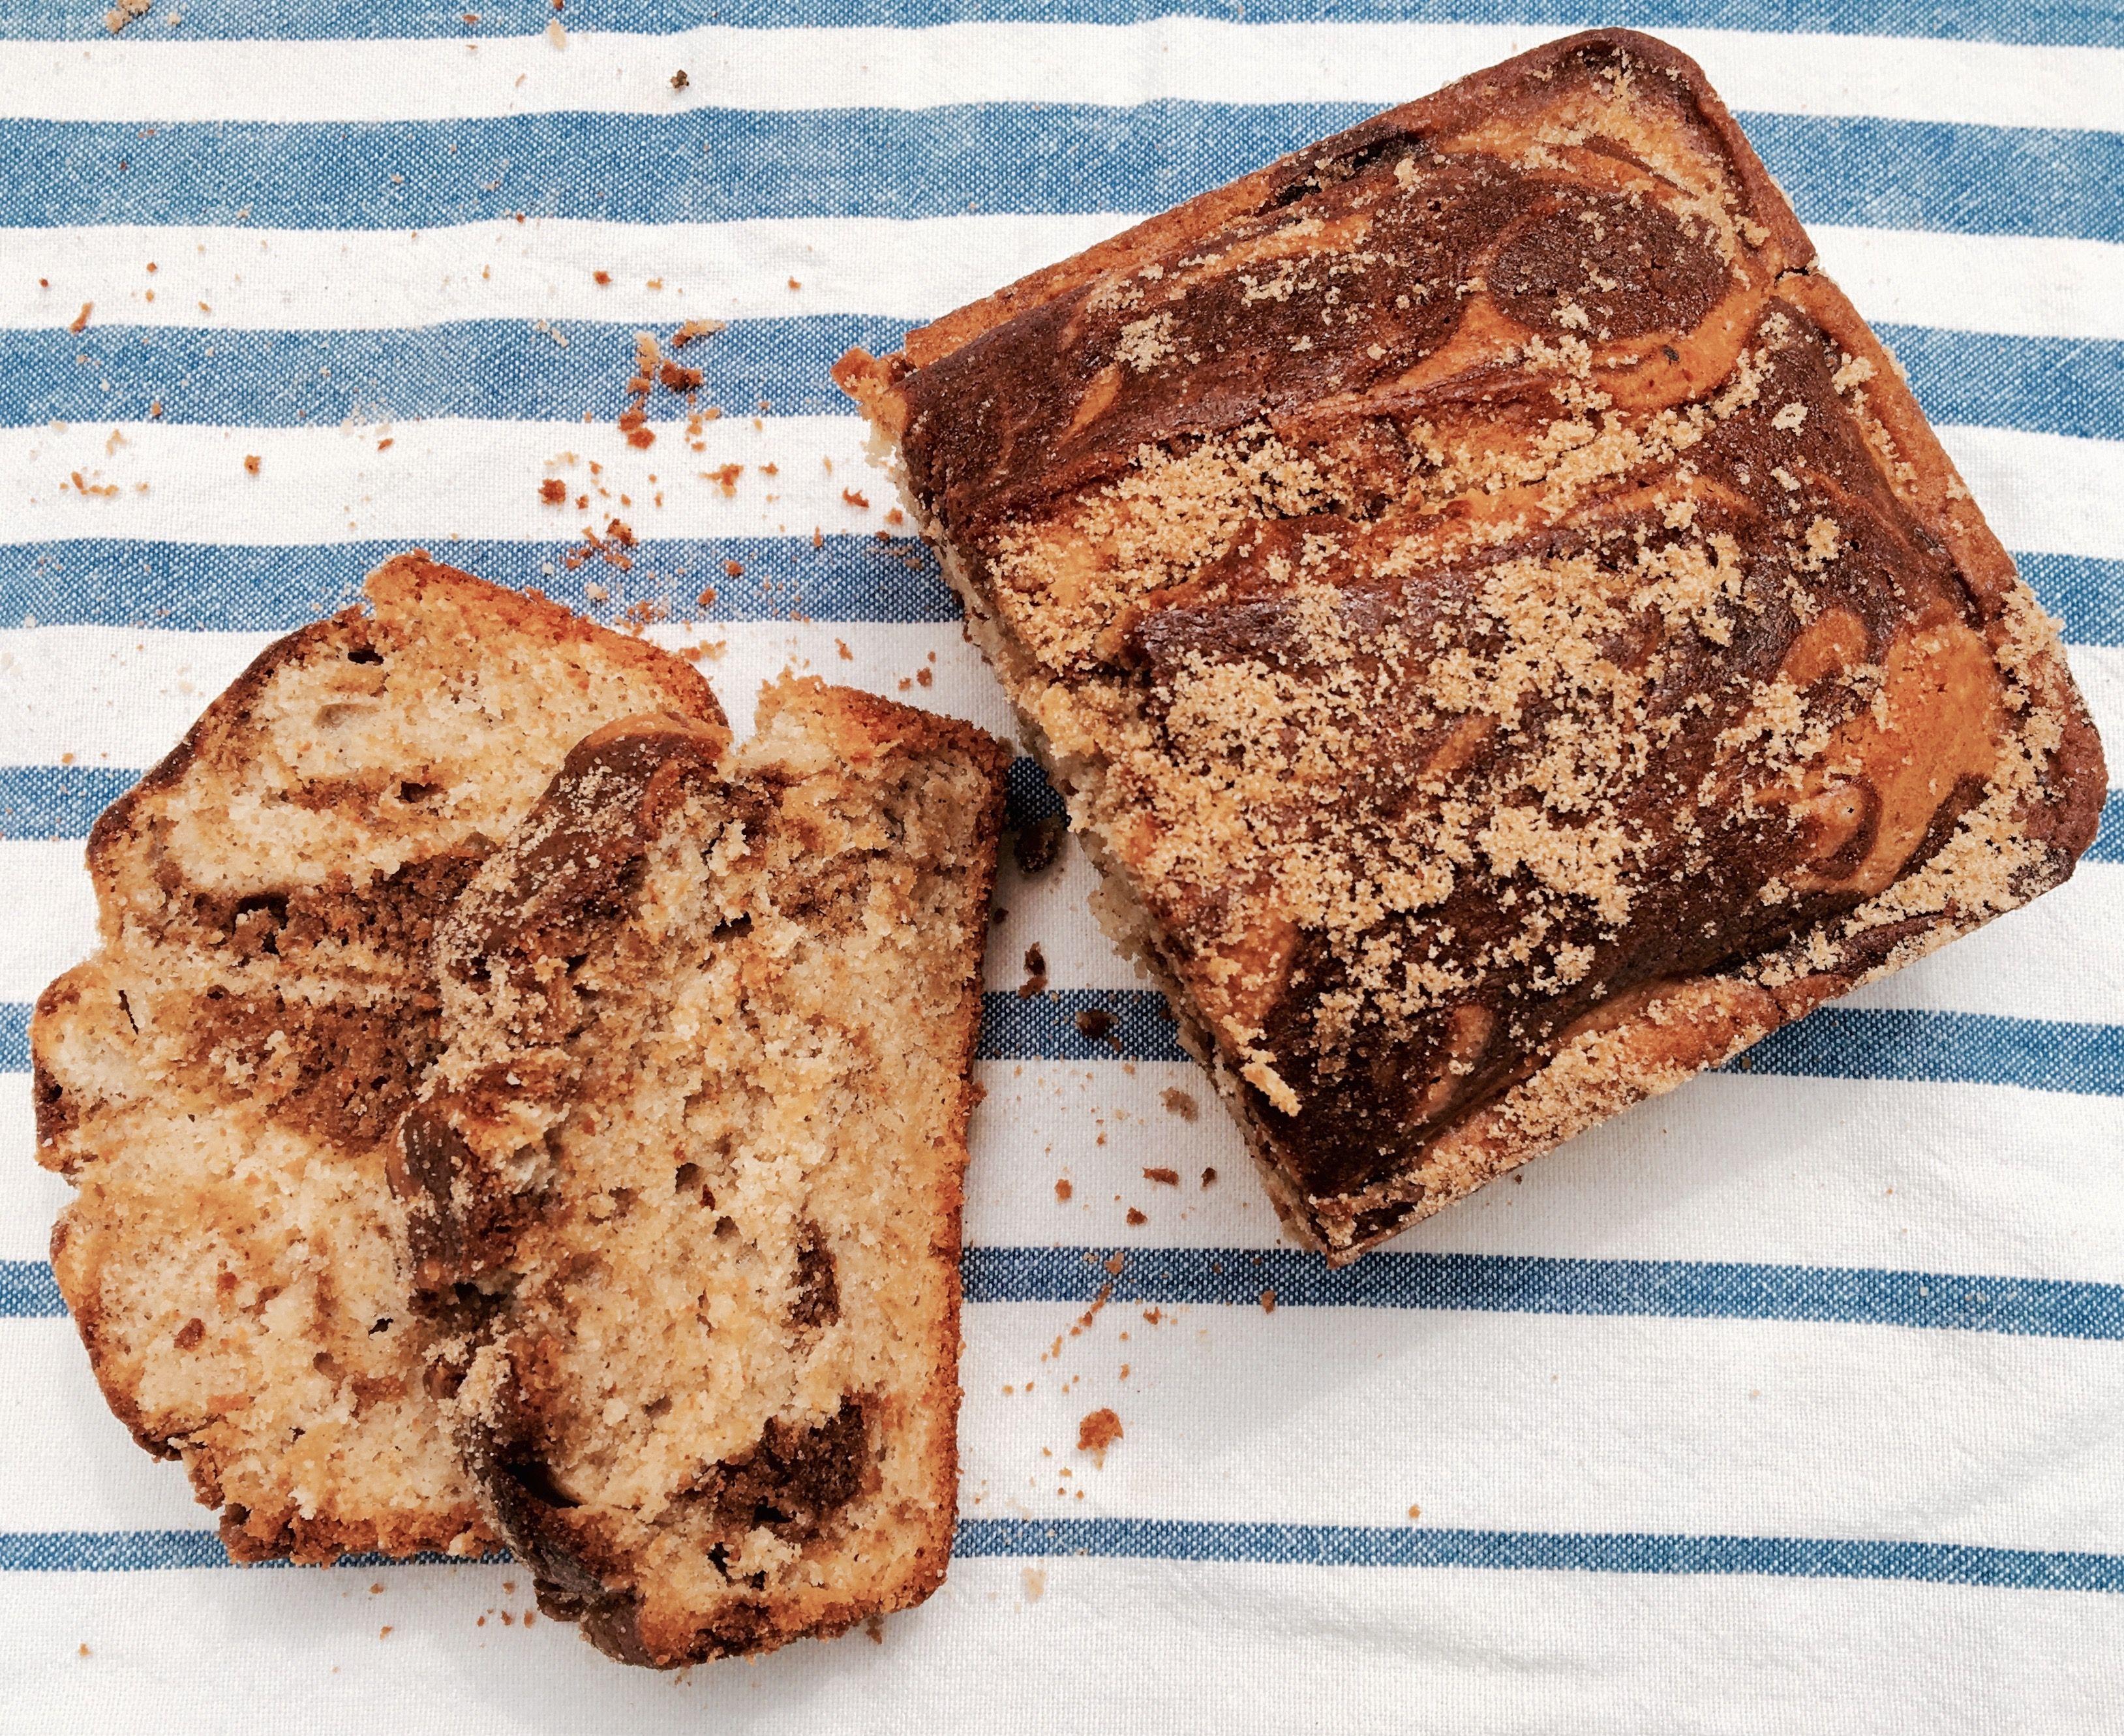 Cinnamon swirl breakfast bread gluten free island